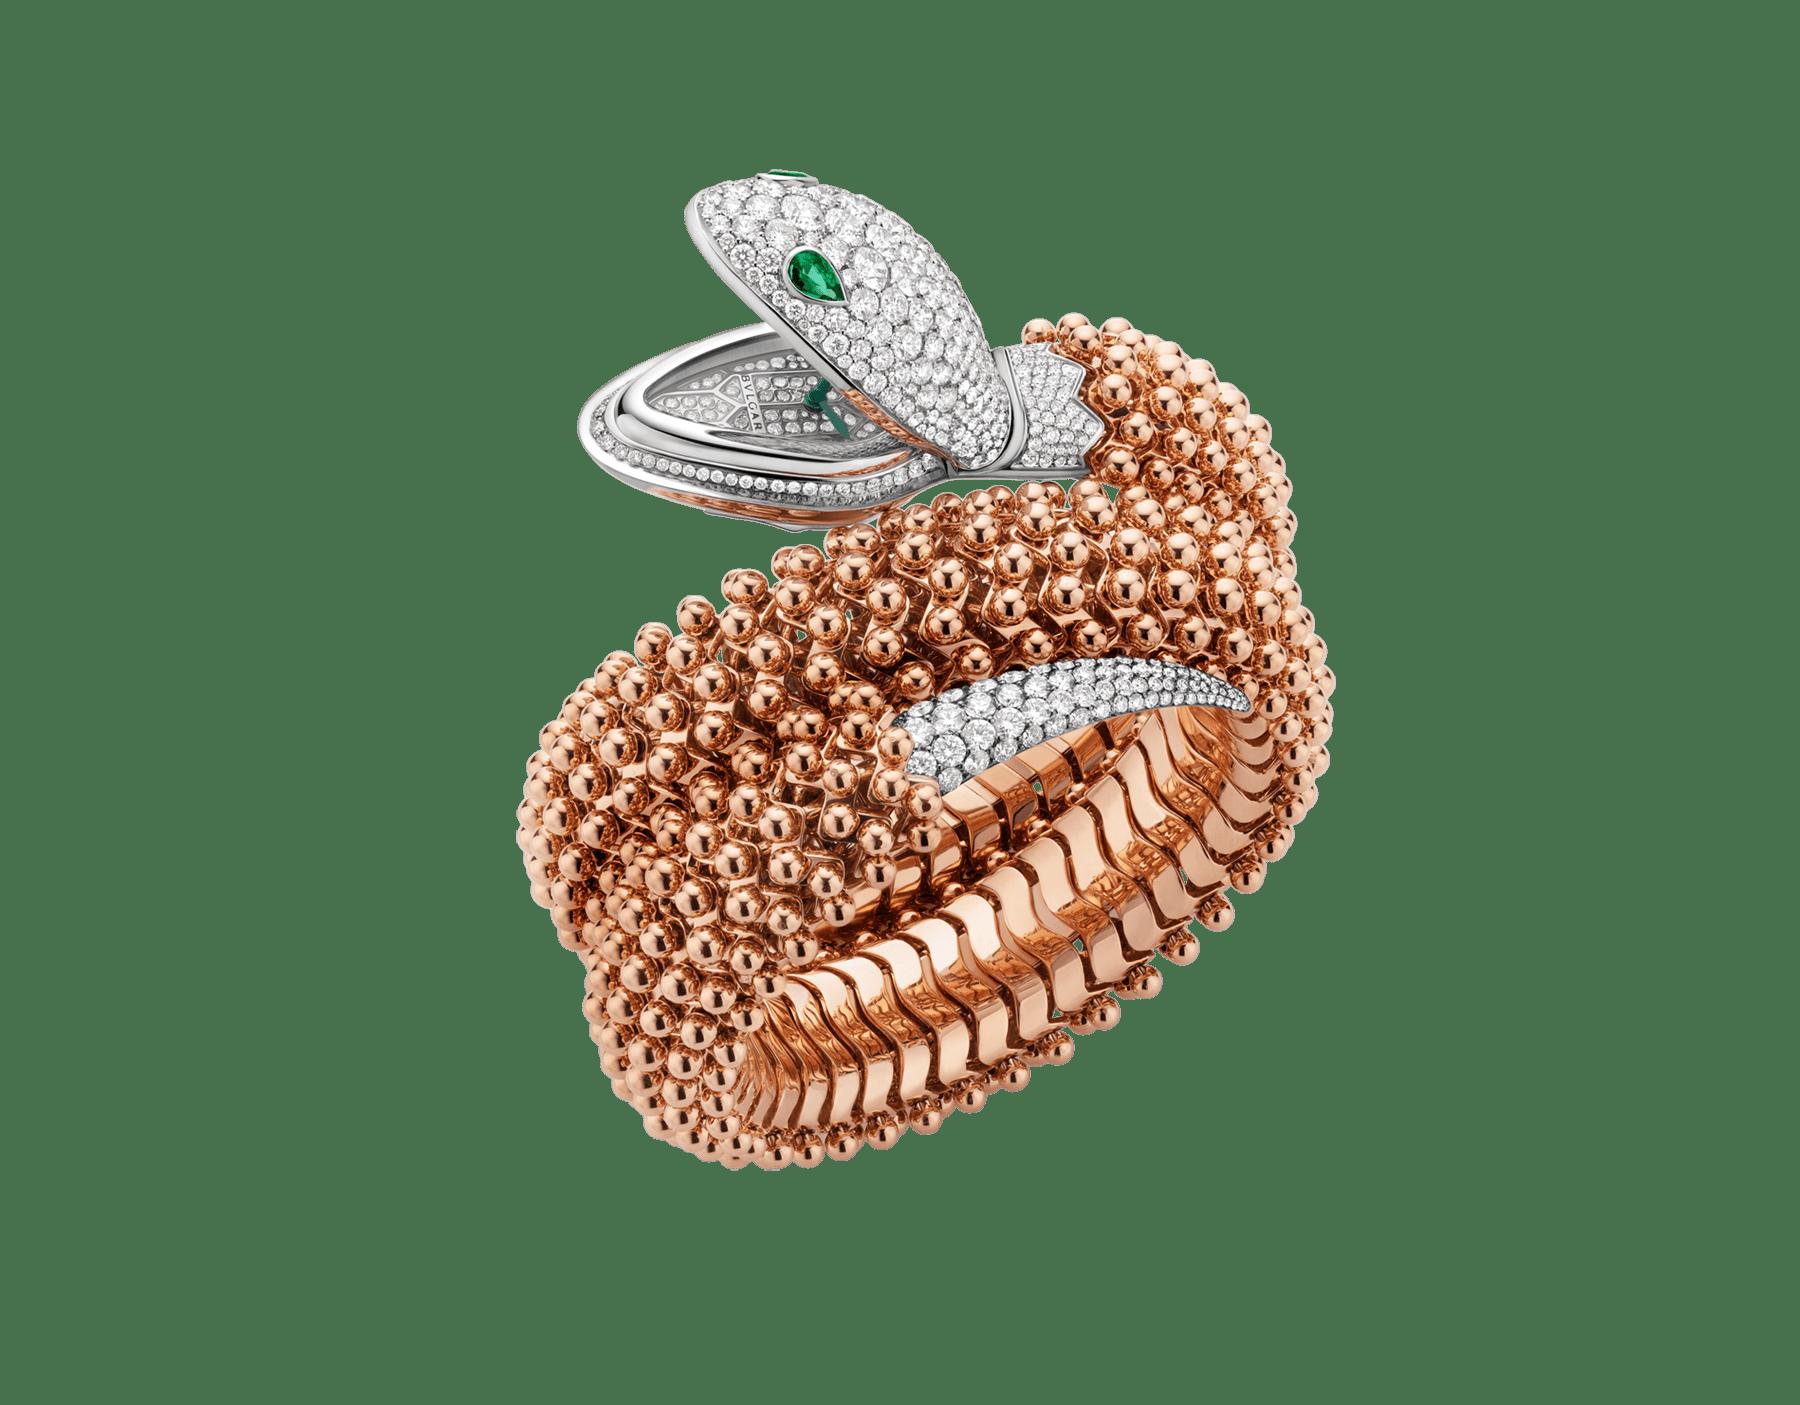 Montre Serpenti Misteriosi Pallini avec tête en or blanc 18K sertie de diamants taille brillant et yeux en émeraude, boîtier en or blanc 18K, cadran en or blanc 18K, queue sertie de diamants taille brillant et bracelet en or rose 18K 102869 image 1